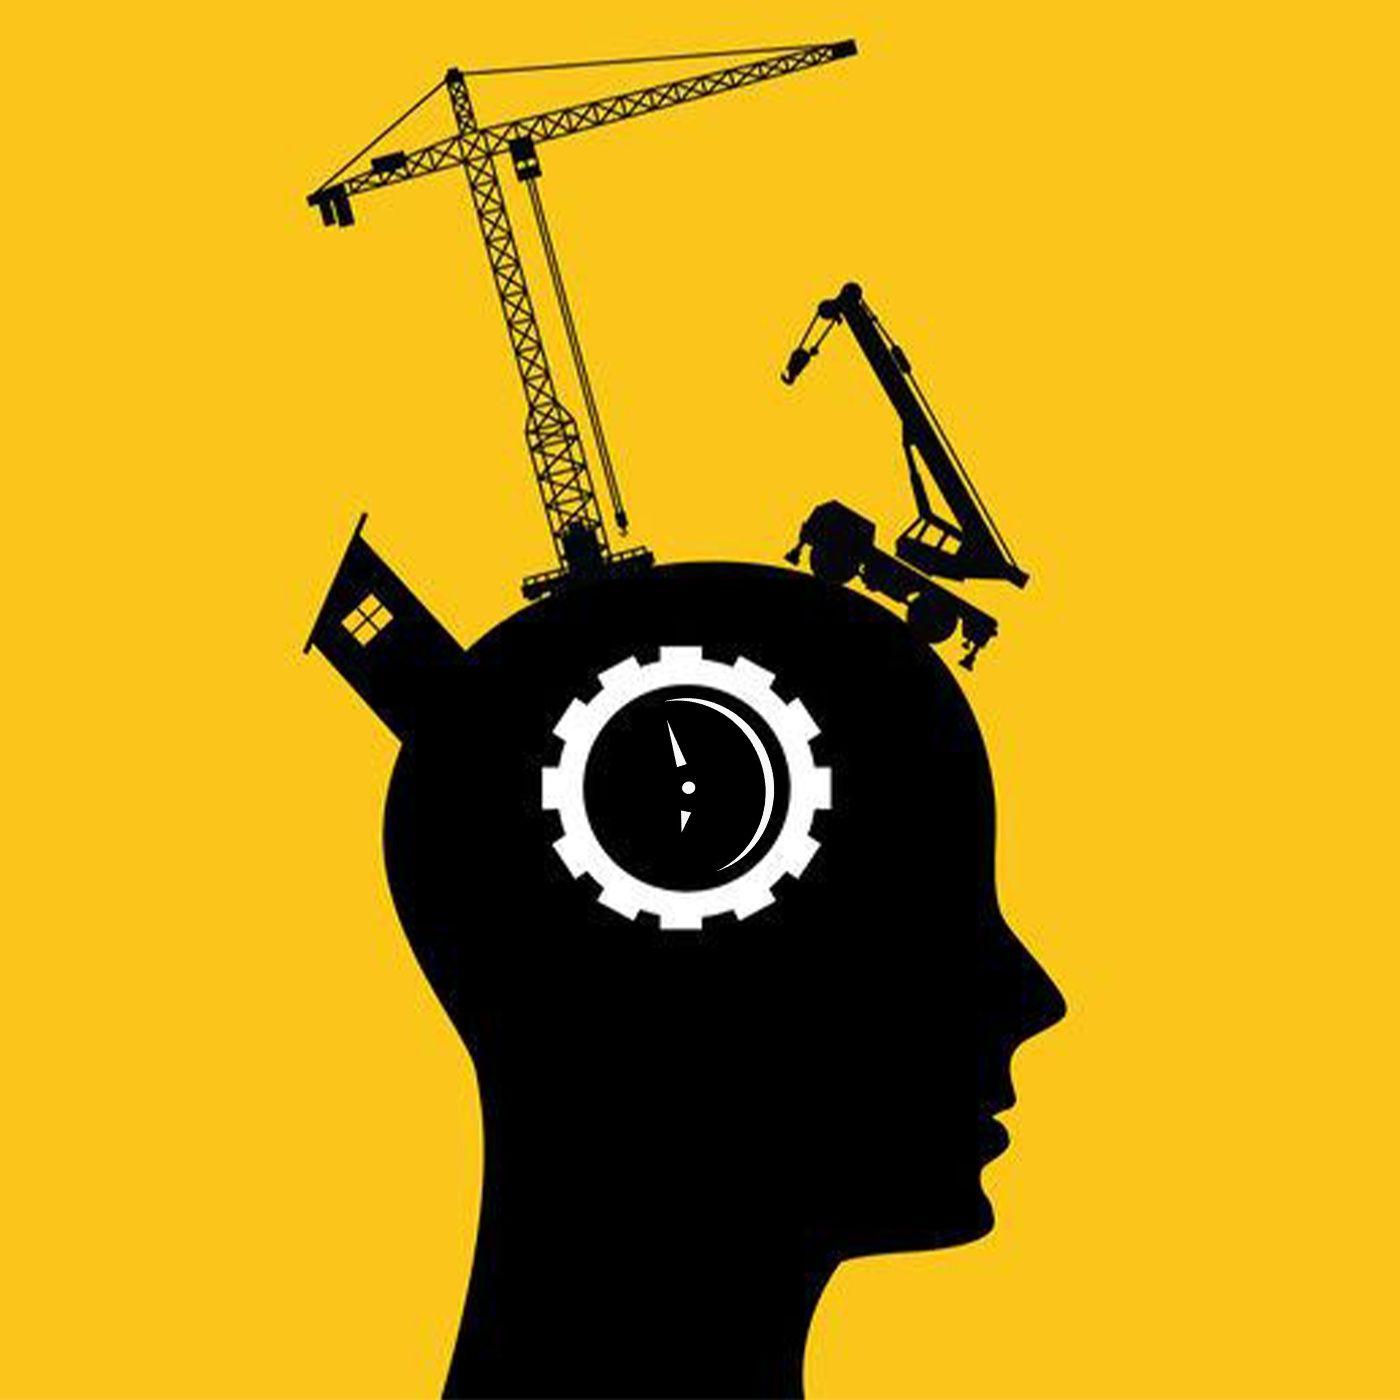 Costruire un'idea, Criticare un'idea, Cambiare le idee: il Cuore di Daily Cogito